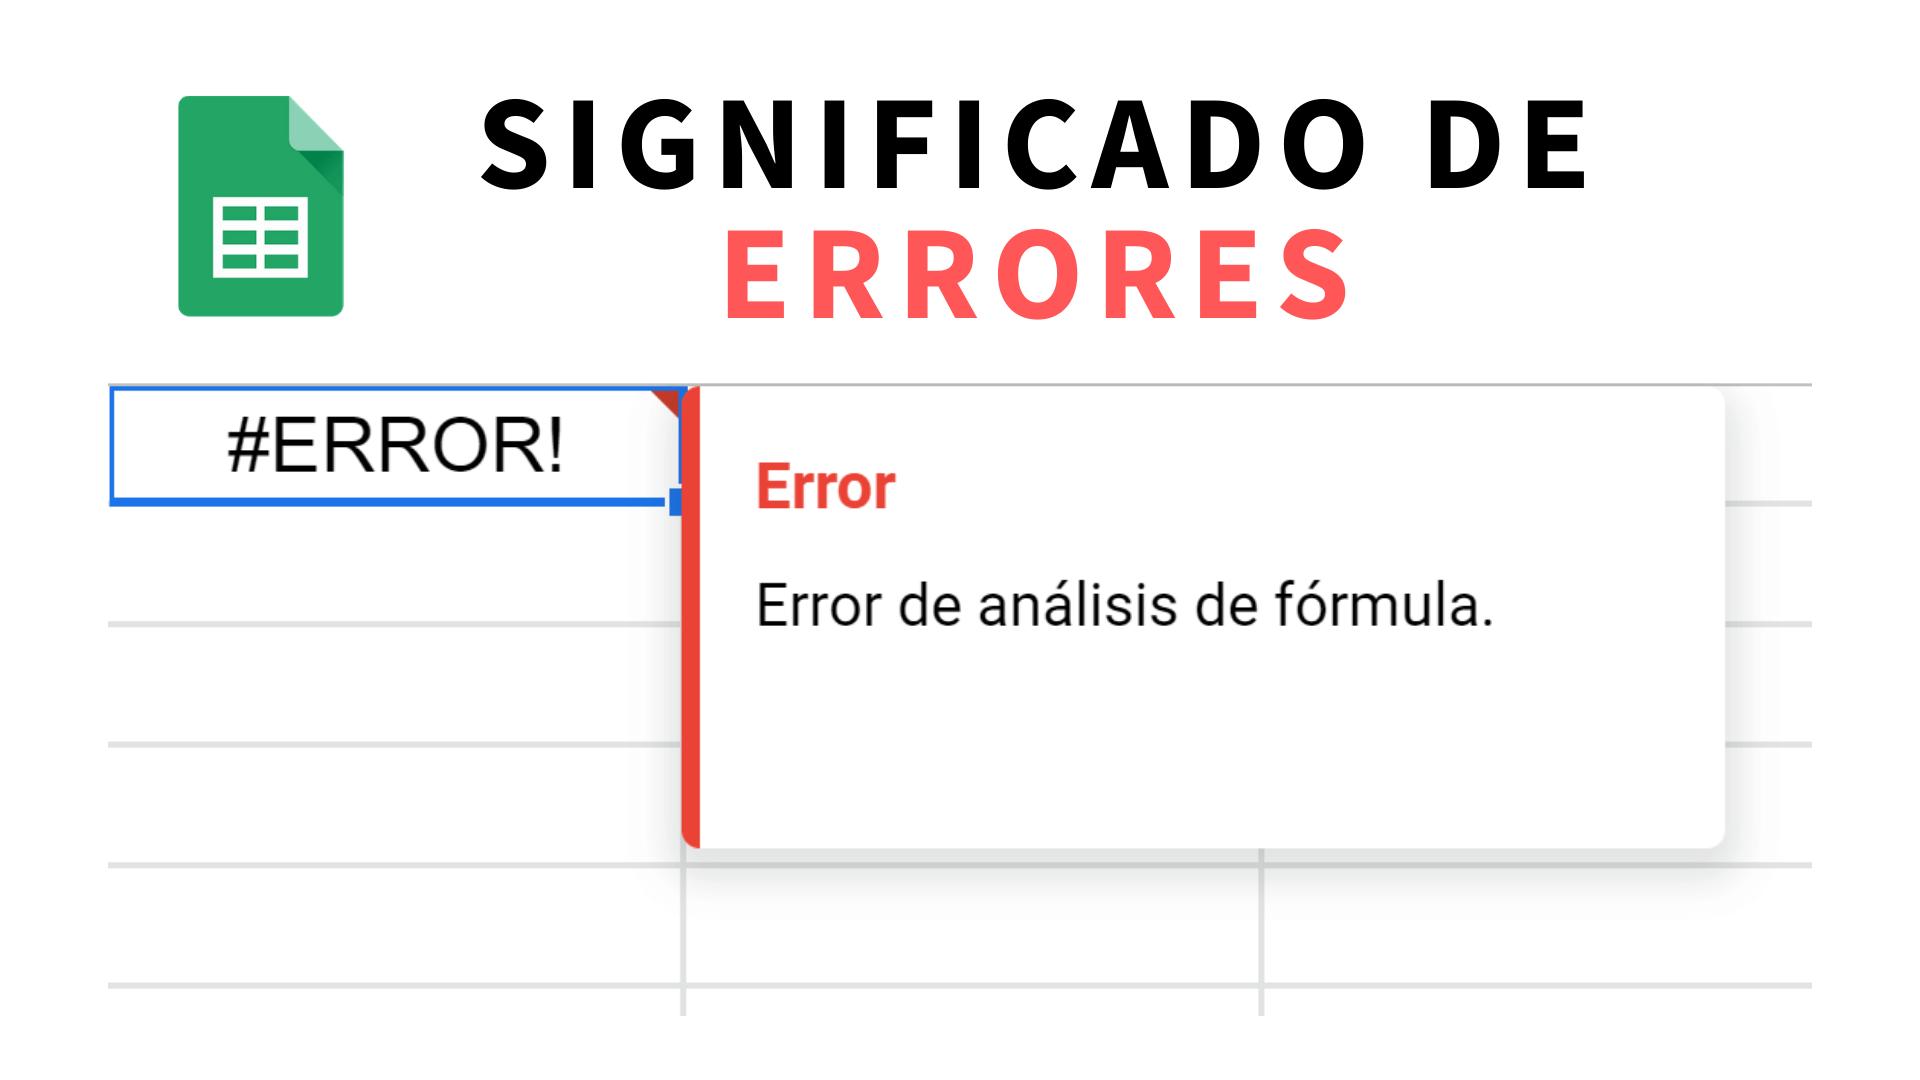 Errores en fórmulas de Google Sheets y cómo solucionarlos